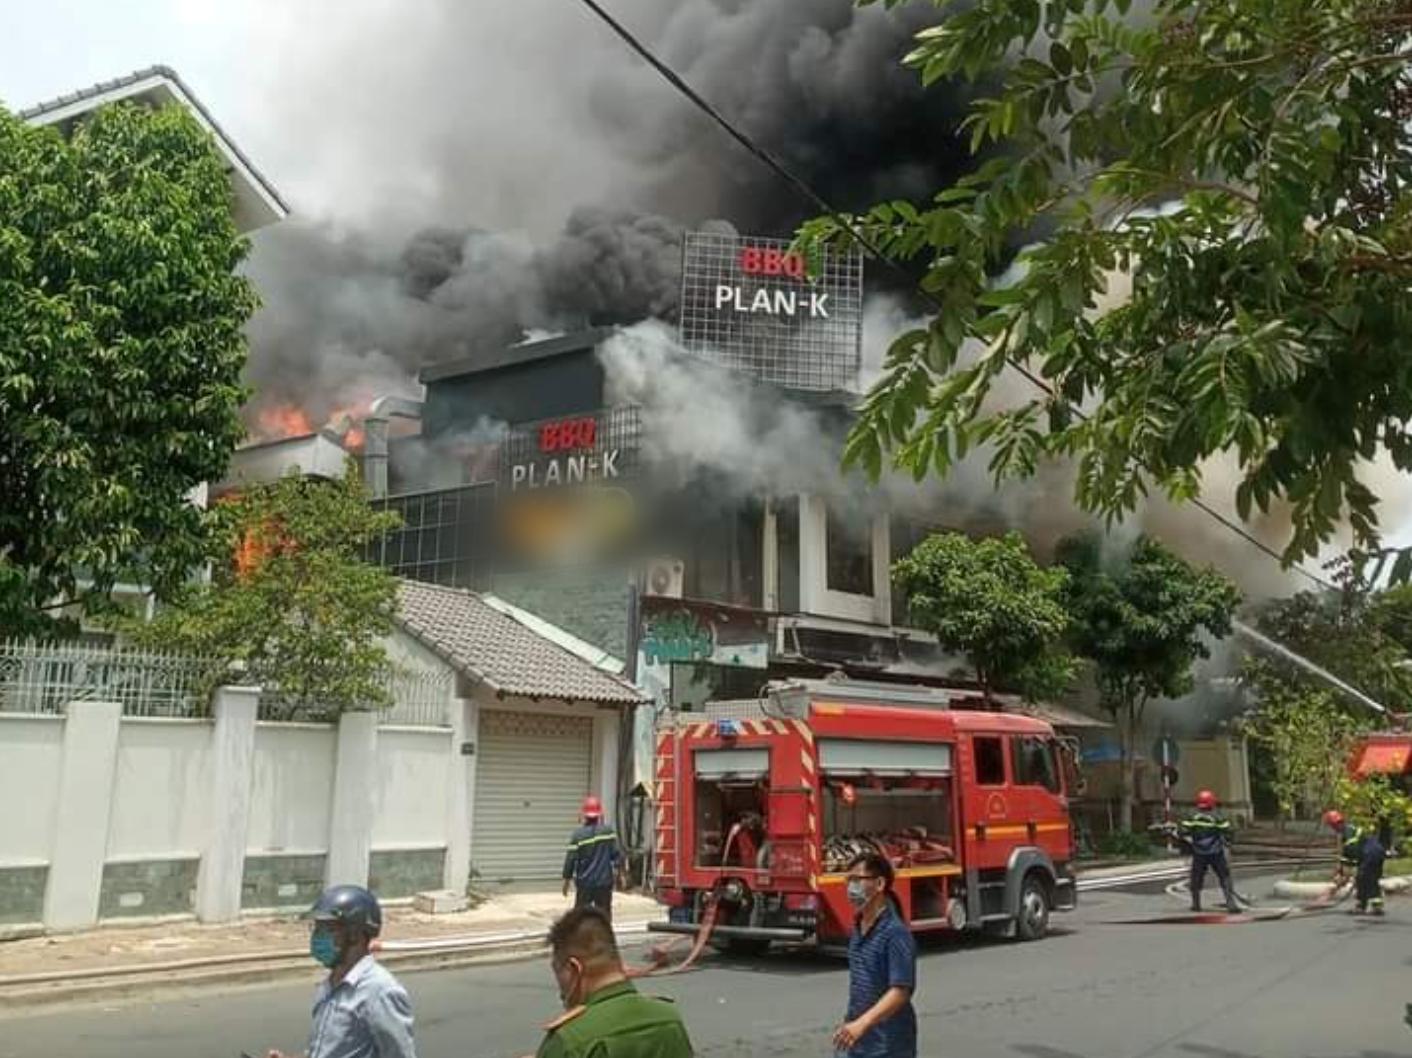 """TP.HCM: Nhà hàng BBQ """"khu nhà giàu"""" Thảo Điền bốc cháy dữ dội, nhân viên và thực khách hoảng loạn bỏ chạy - Ảnh 2."""